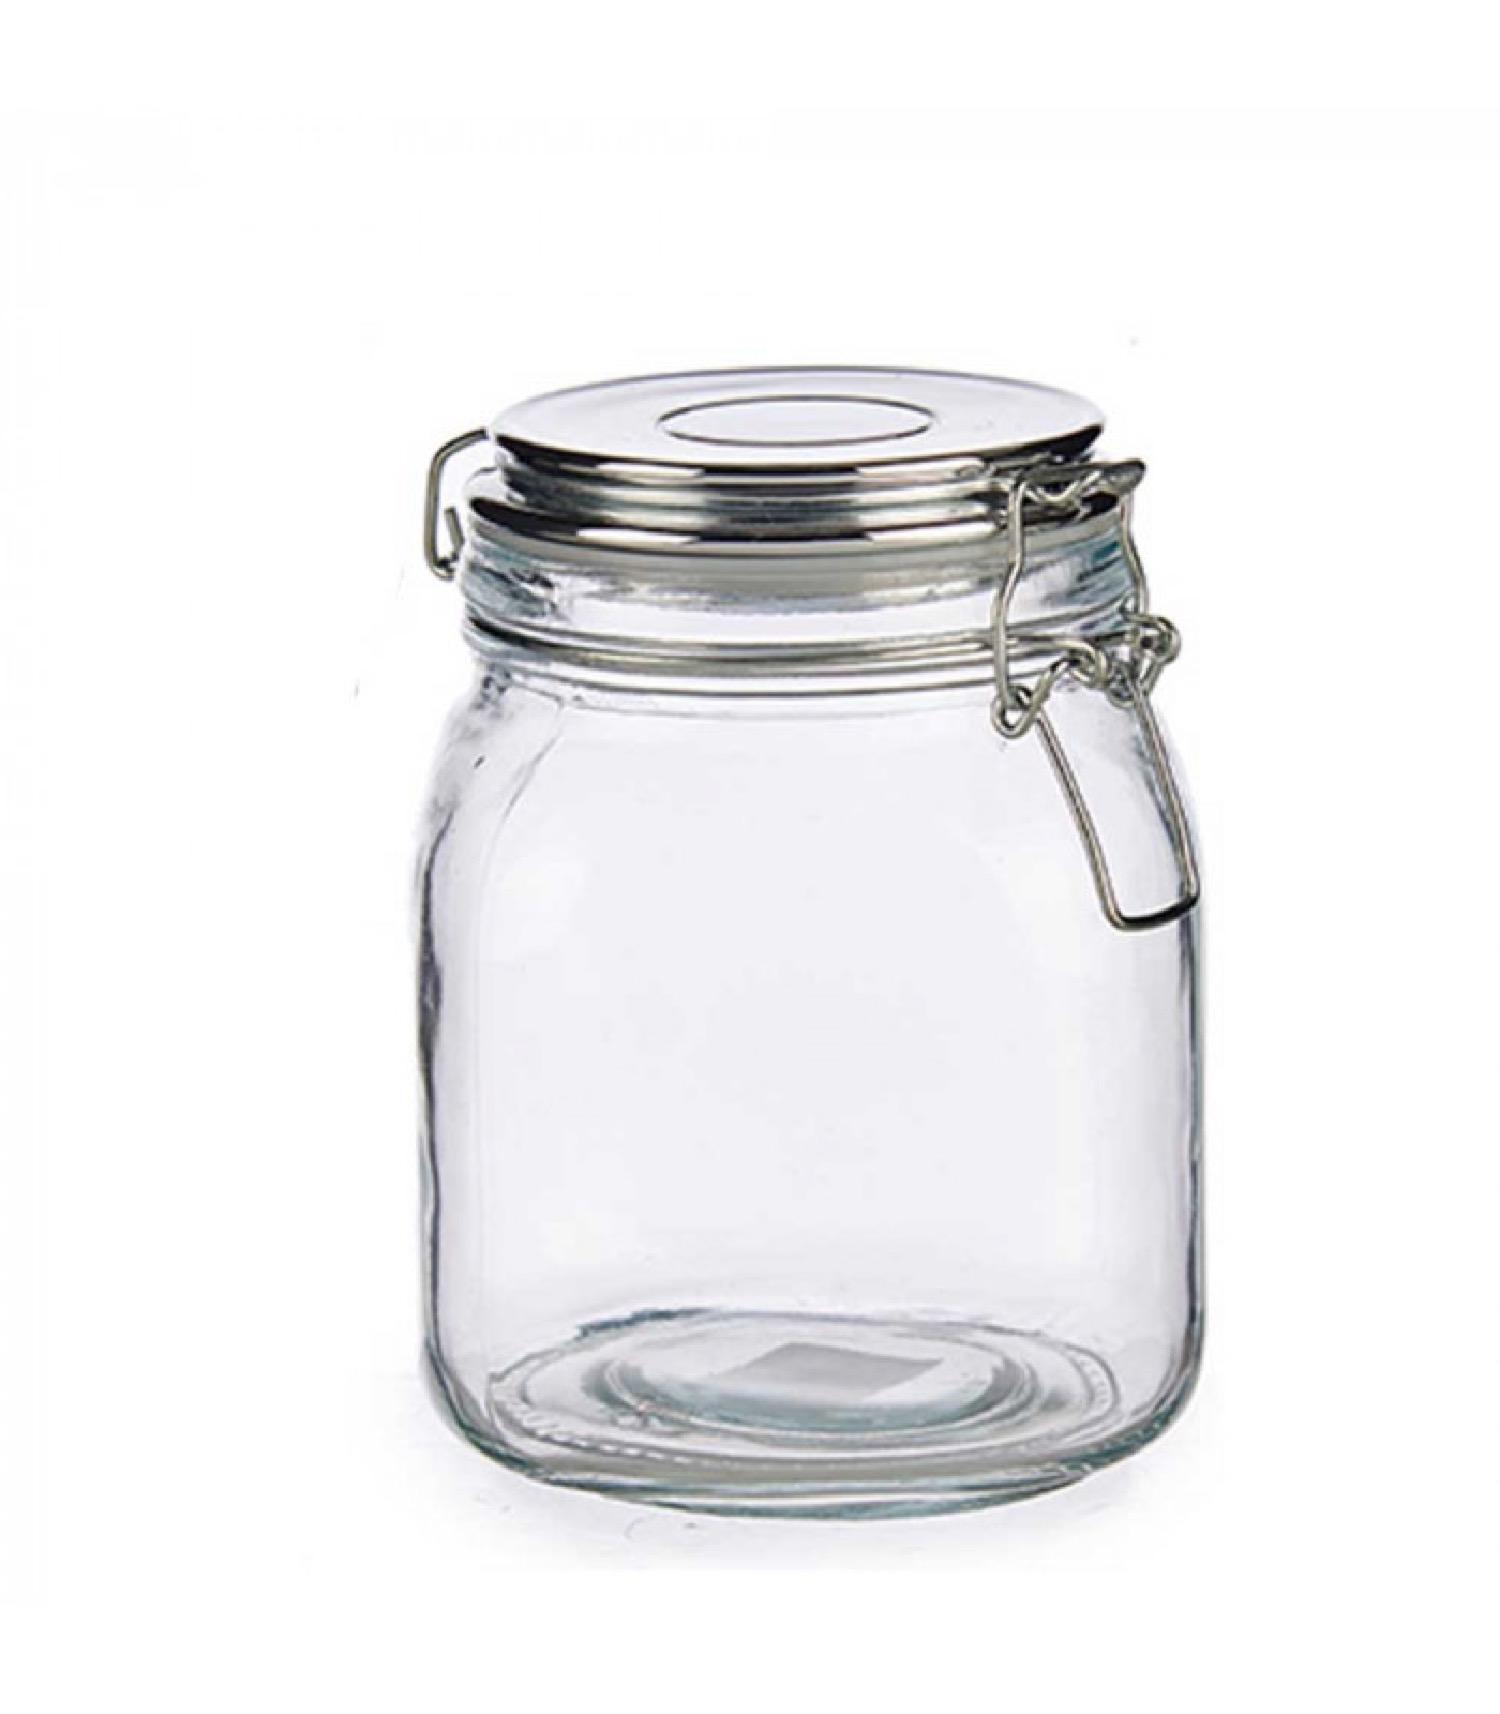 Bocal cuisine hermétique en verre couvercle clip métal chromé 1L